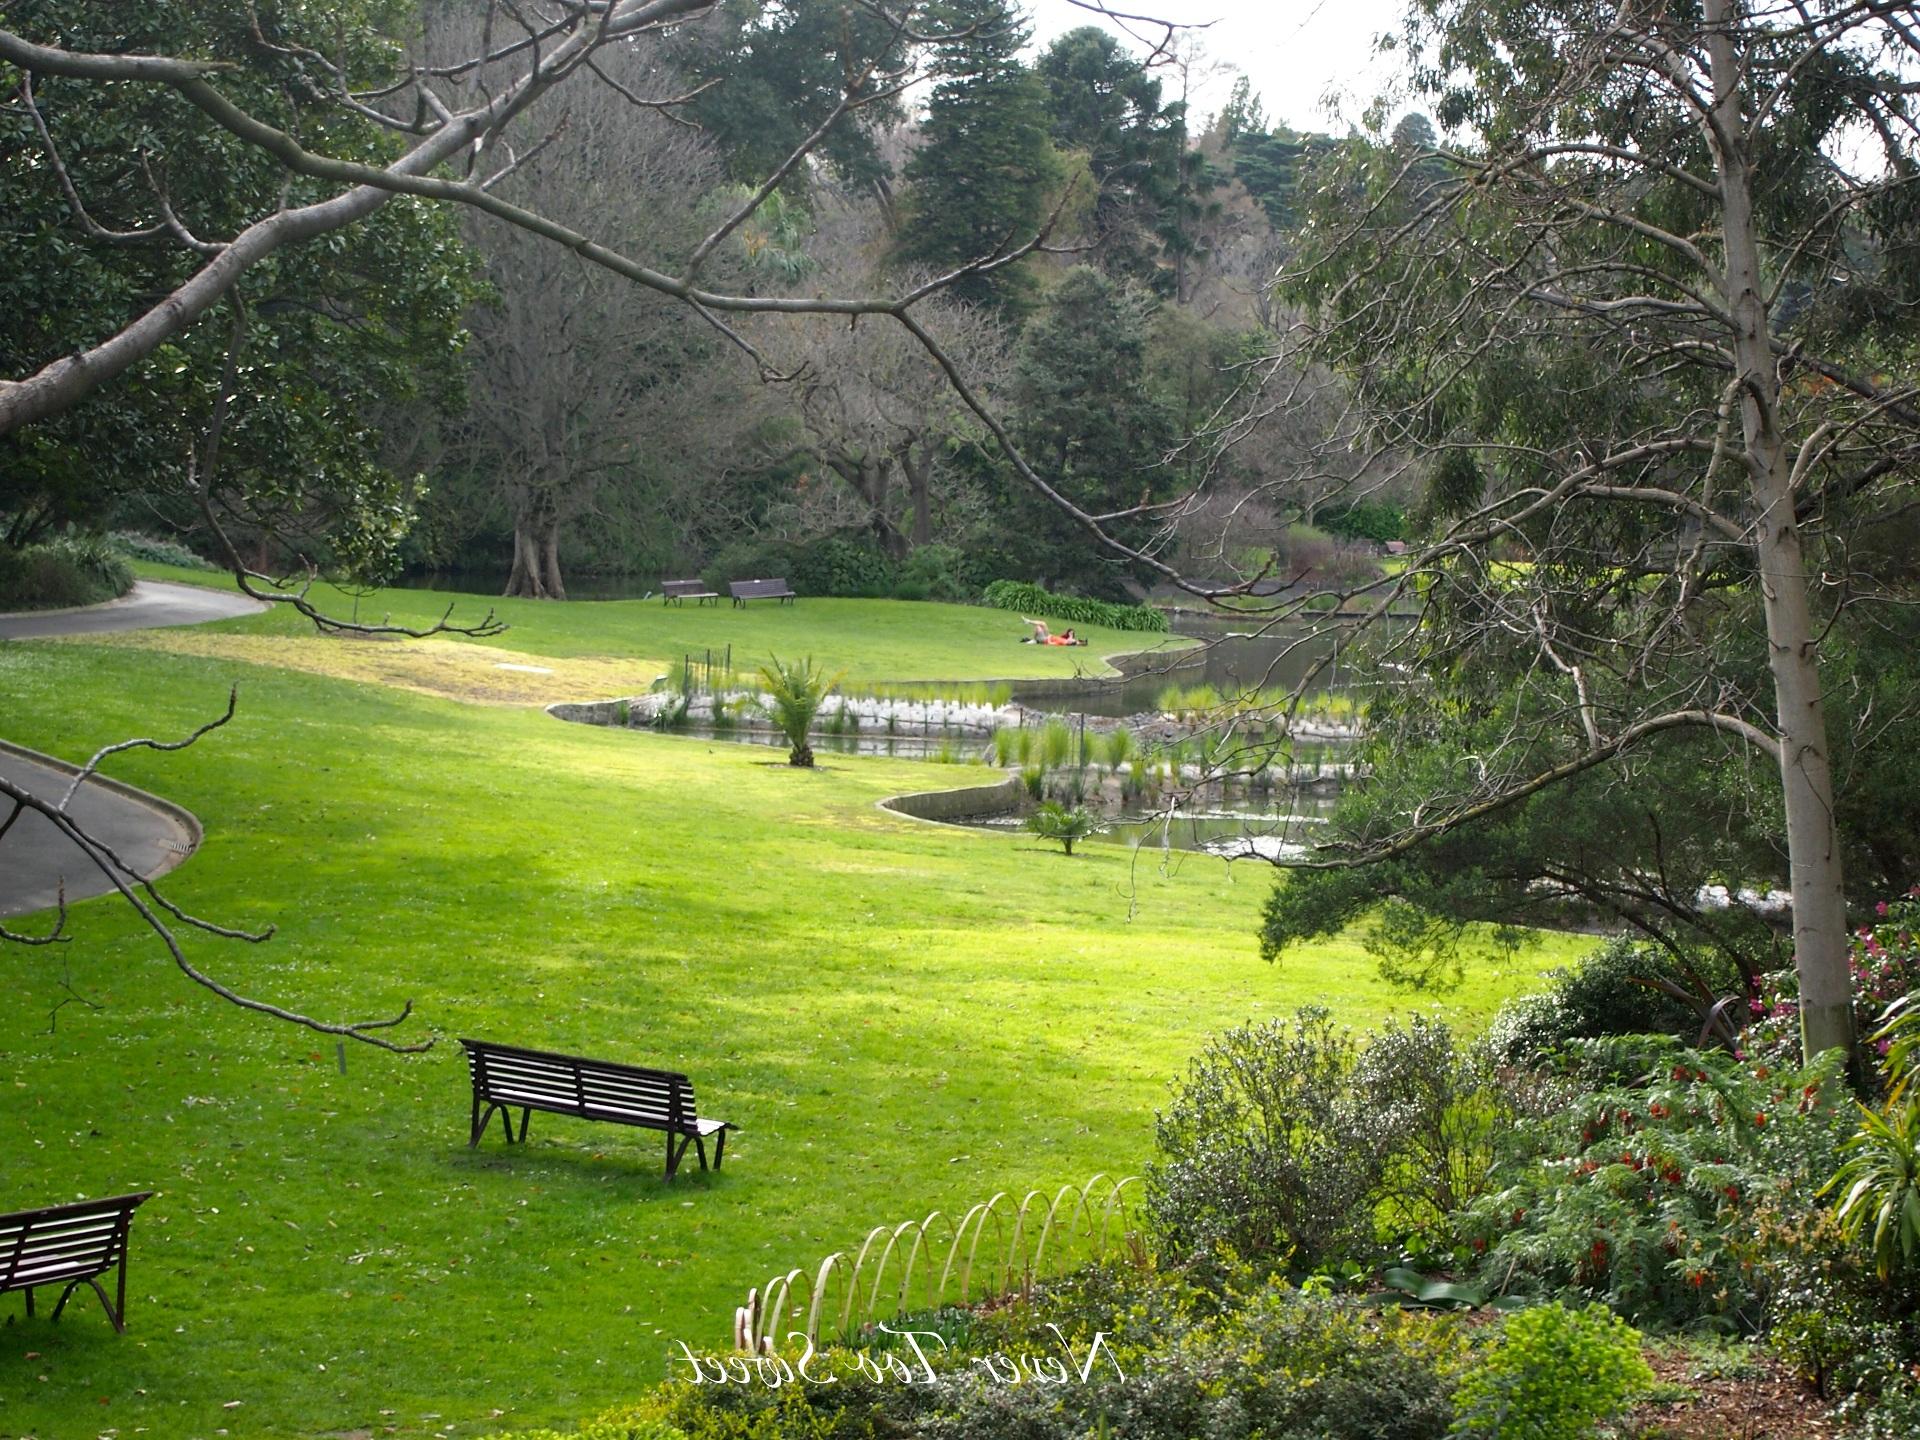 australia nature 1920x1440 hd - photo #31